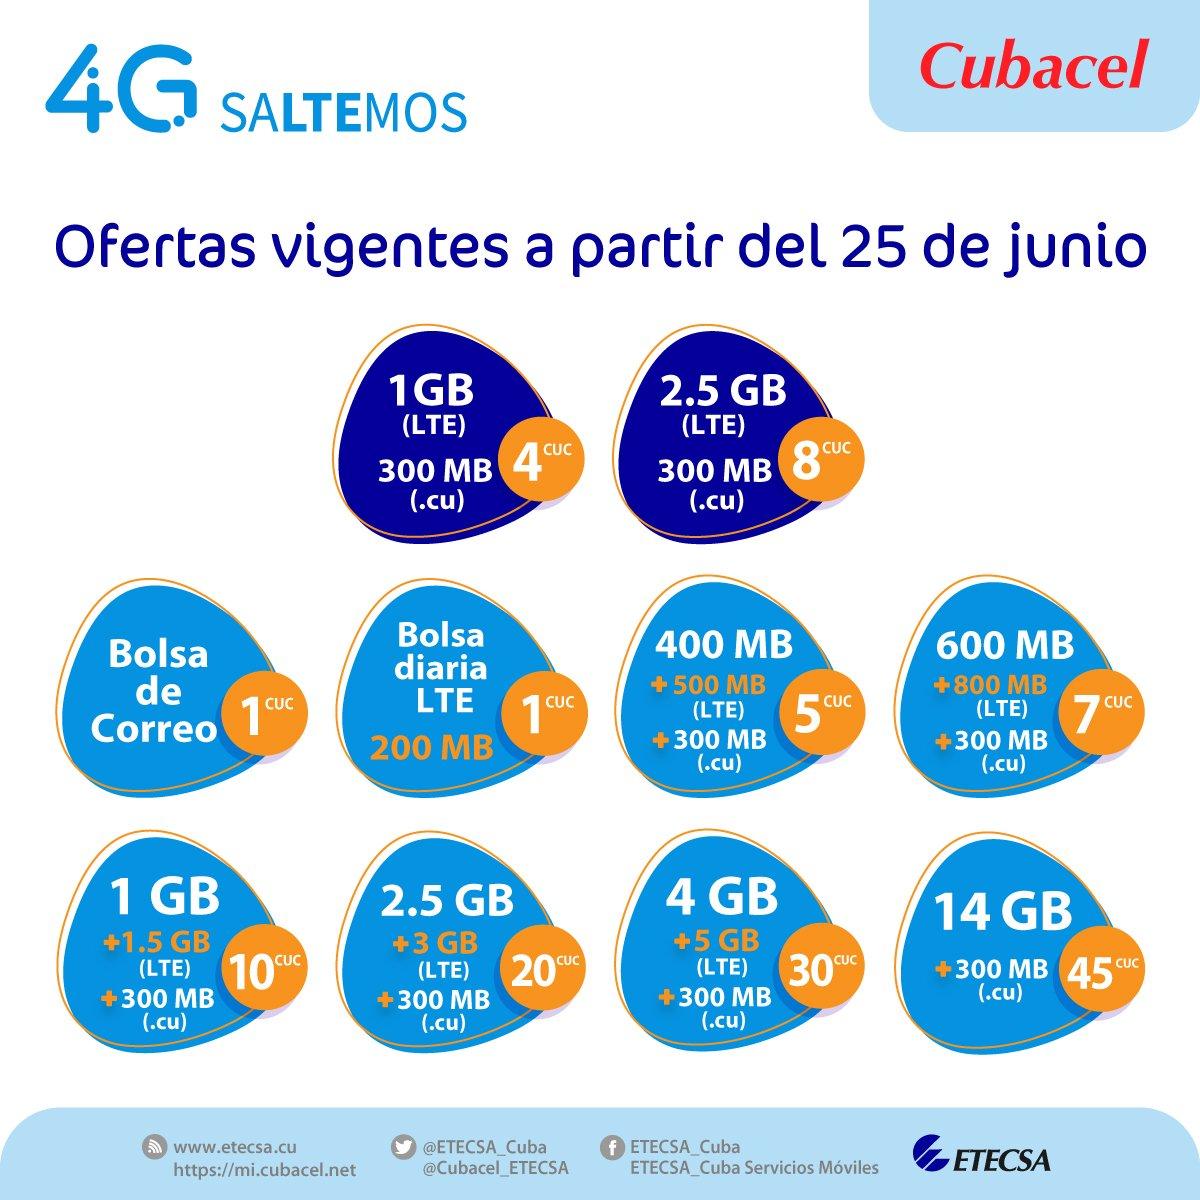 Nuevos paquetes de datos para navegación en la red 4G y modificaciones en el resto de las ofertas de internet móvil de Etecsa. Infografía: etecsa.cu